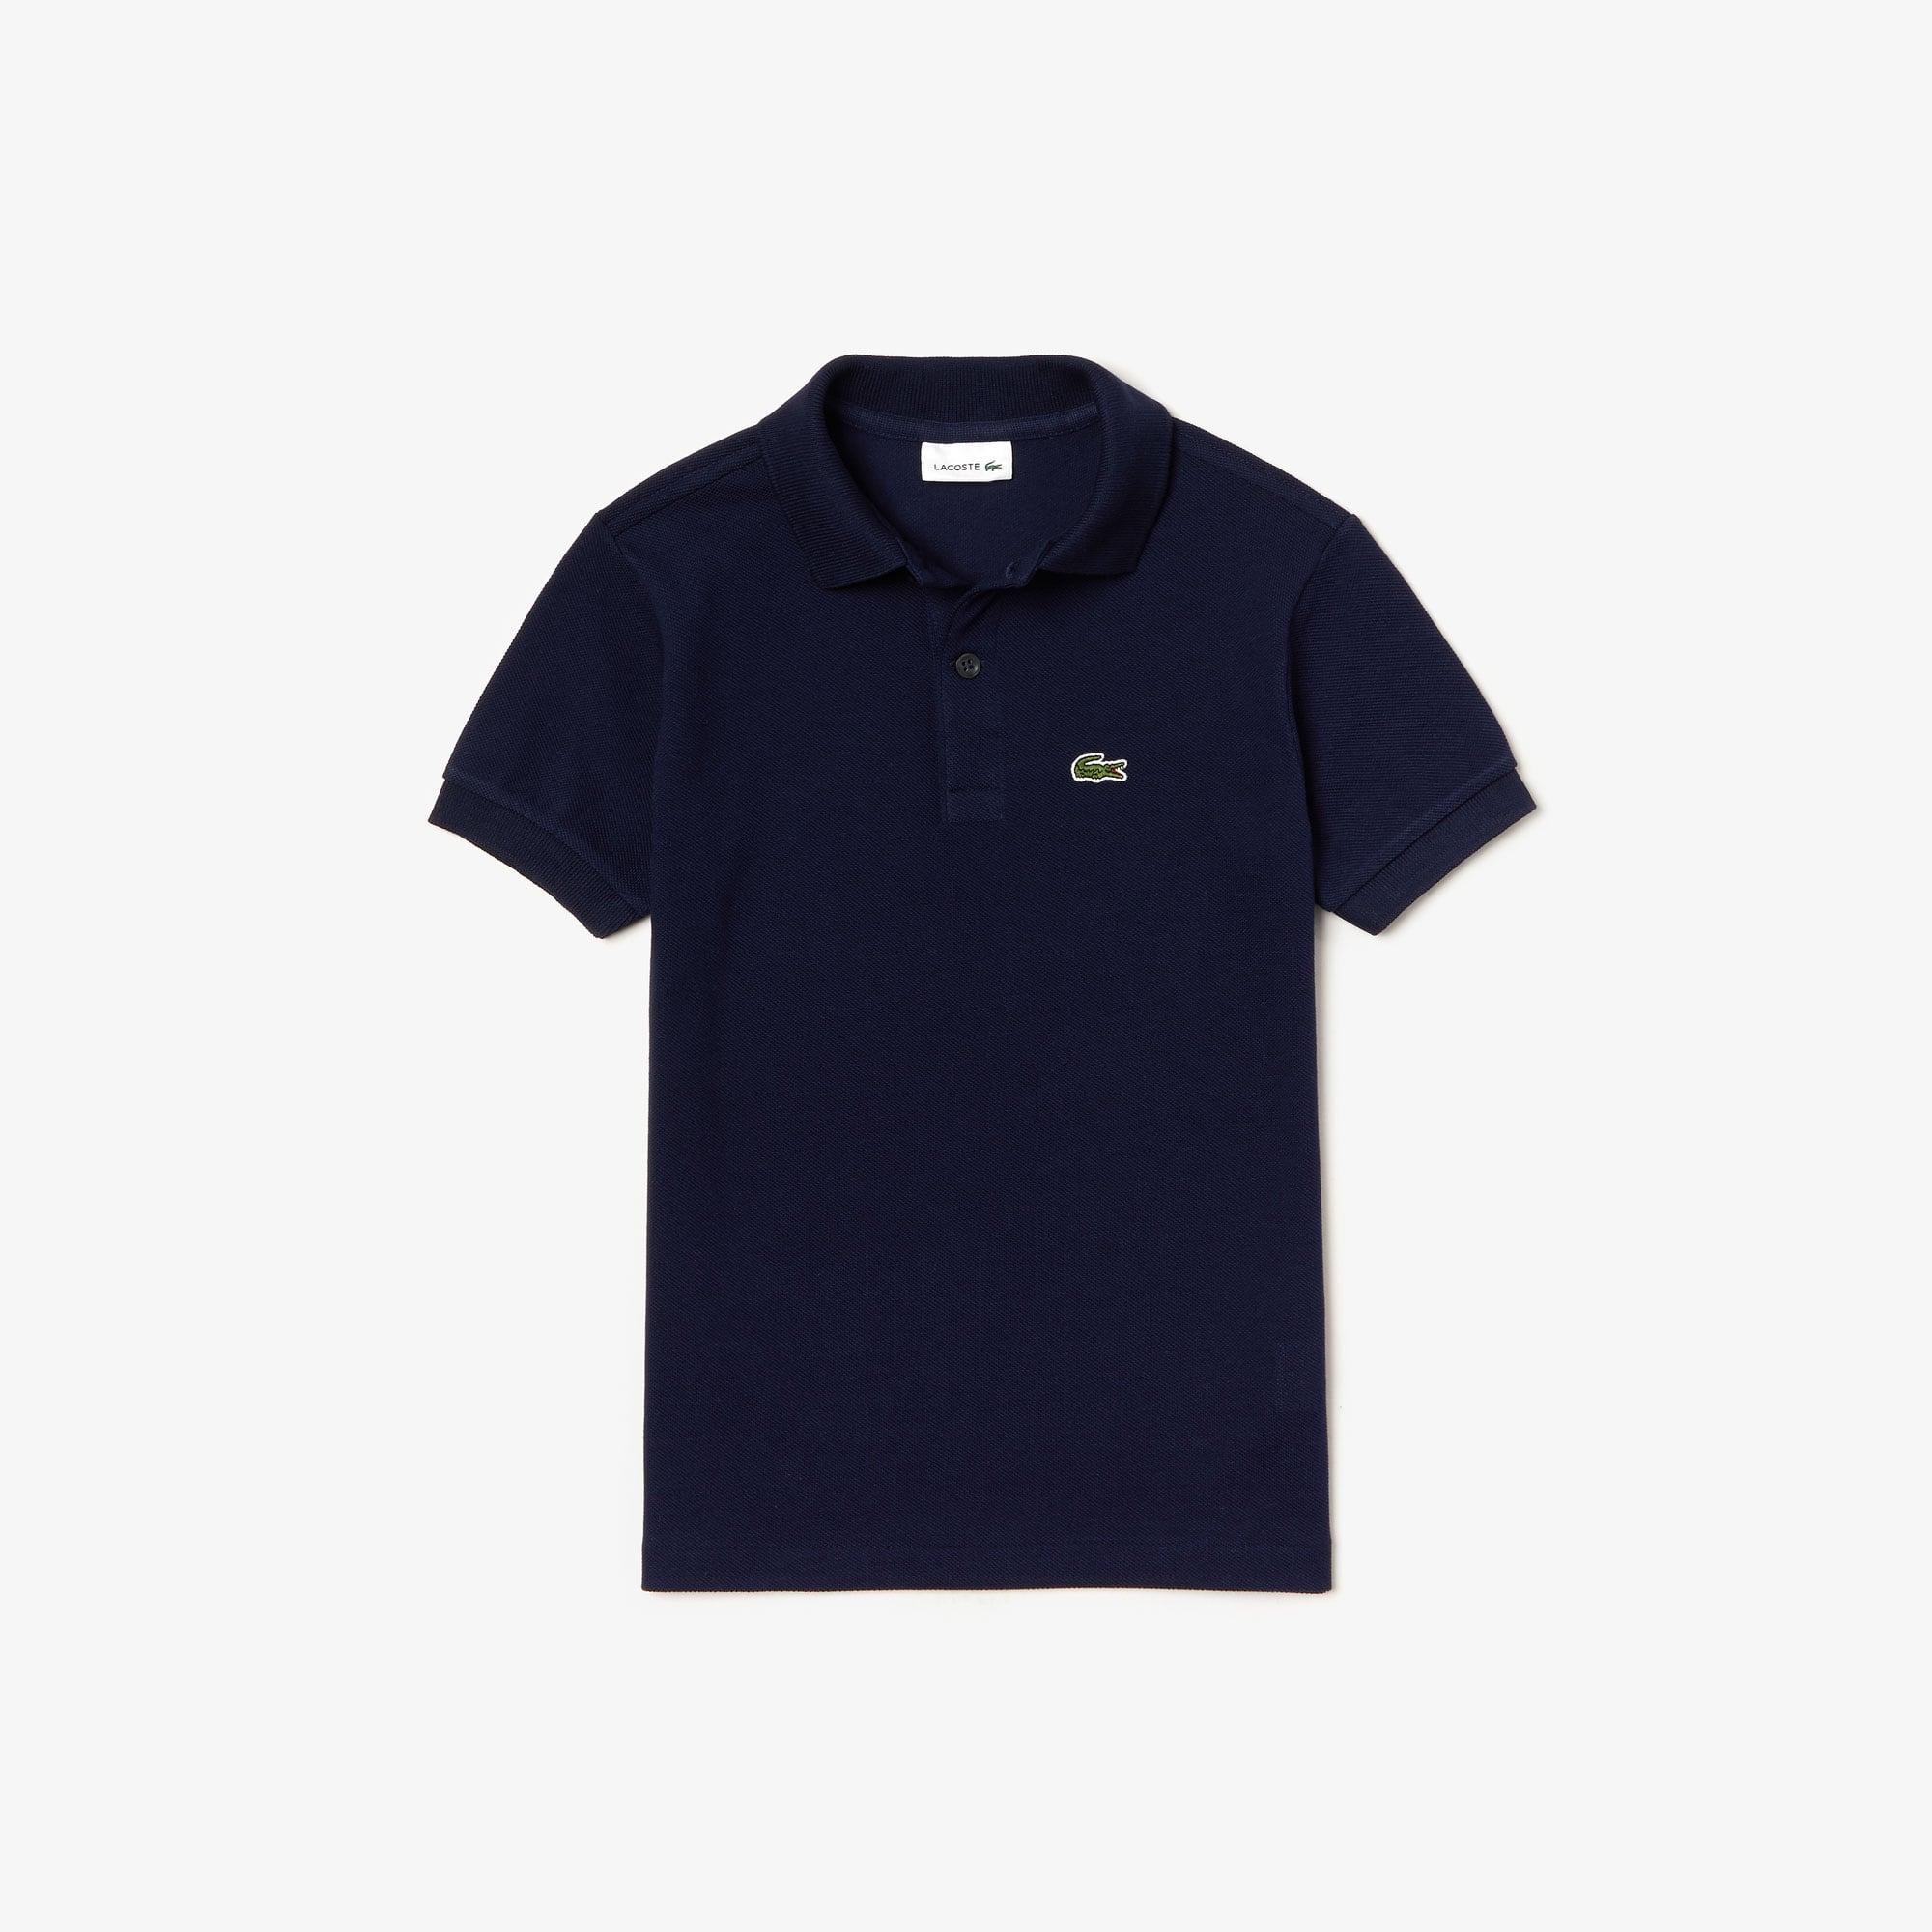 ed3f7395cfc Lacoste Petit Piqué Polo Shirt · + 16 colors